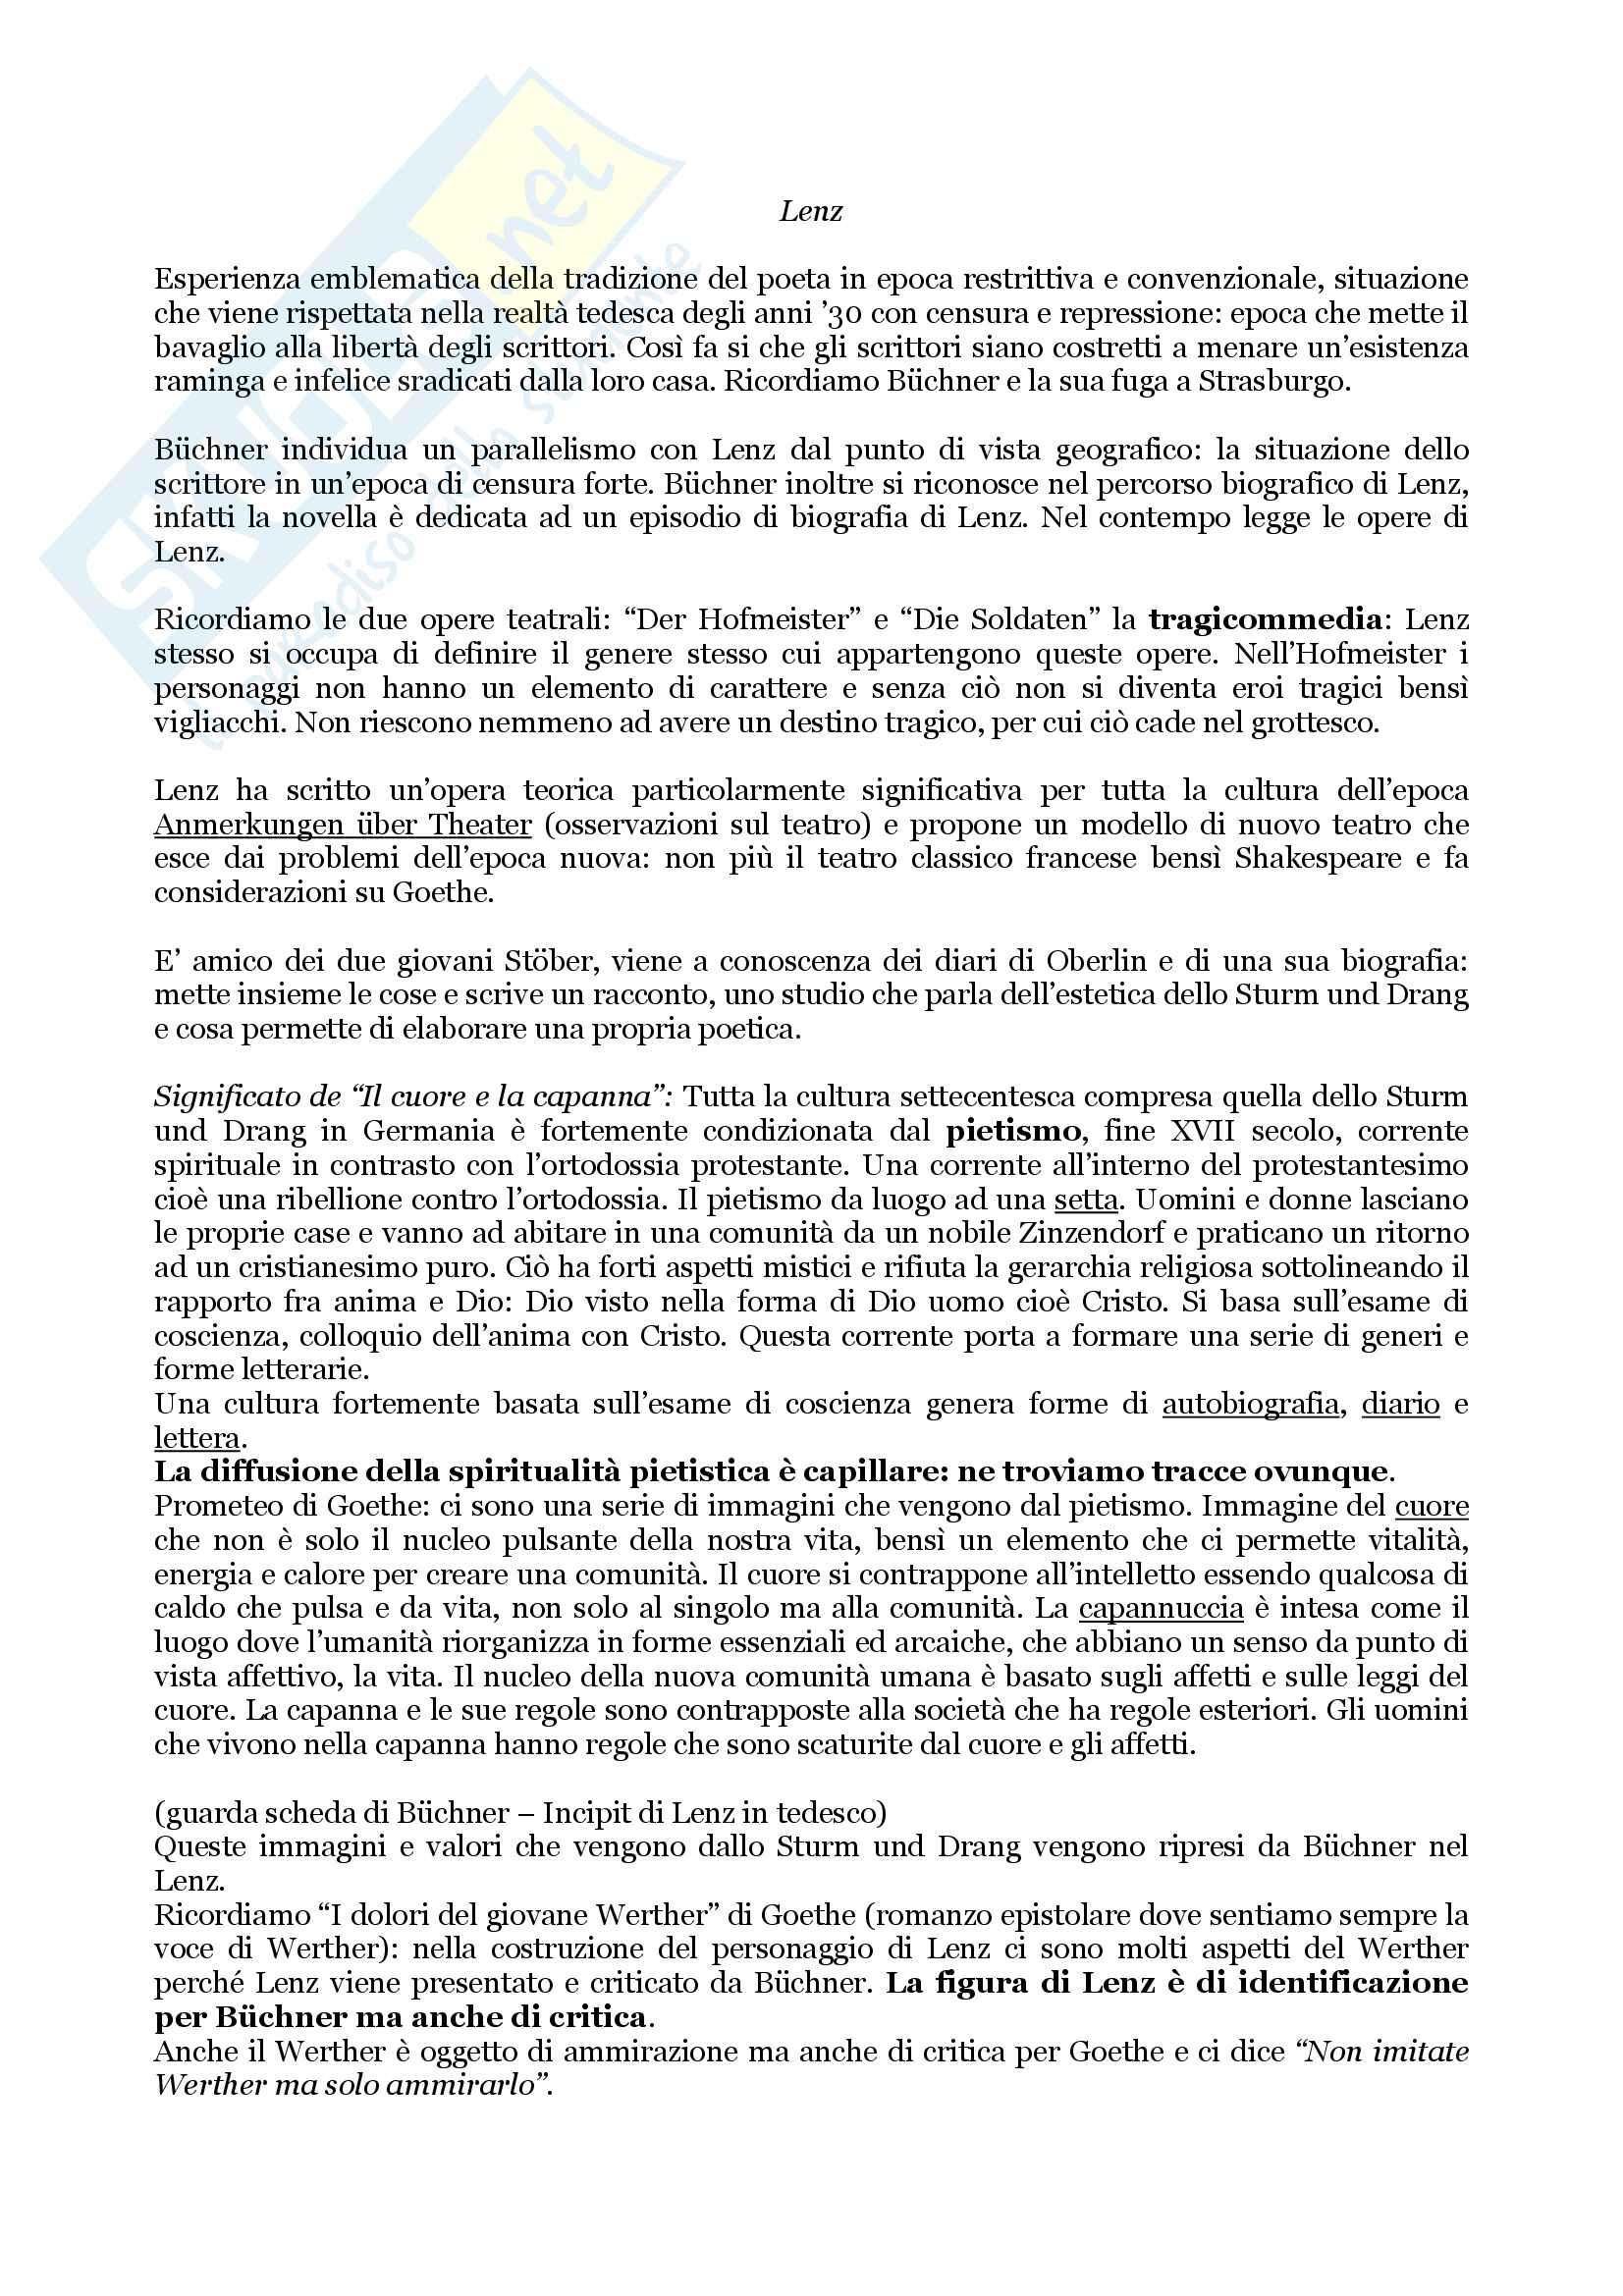 appunto G. Cermelli Letteratura tedesca